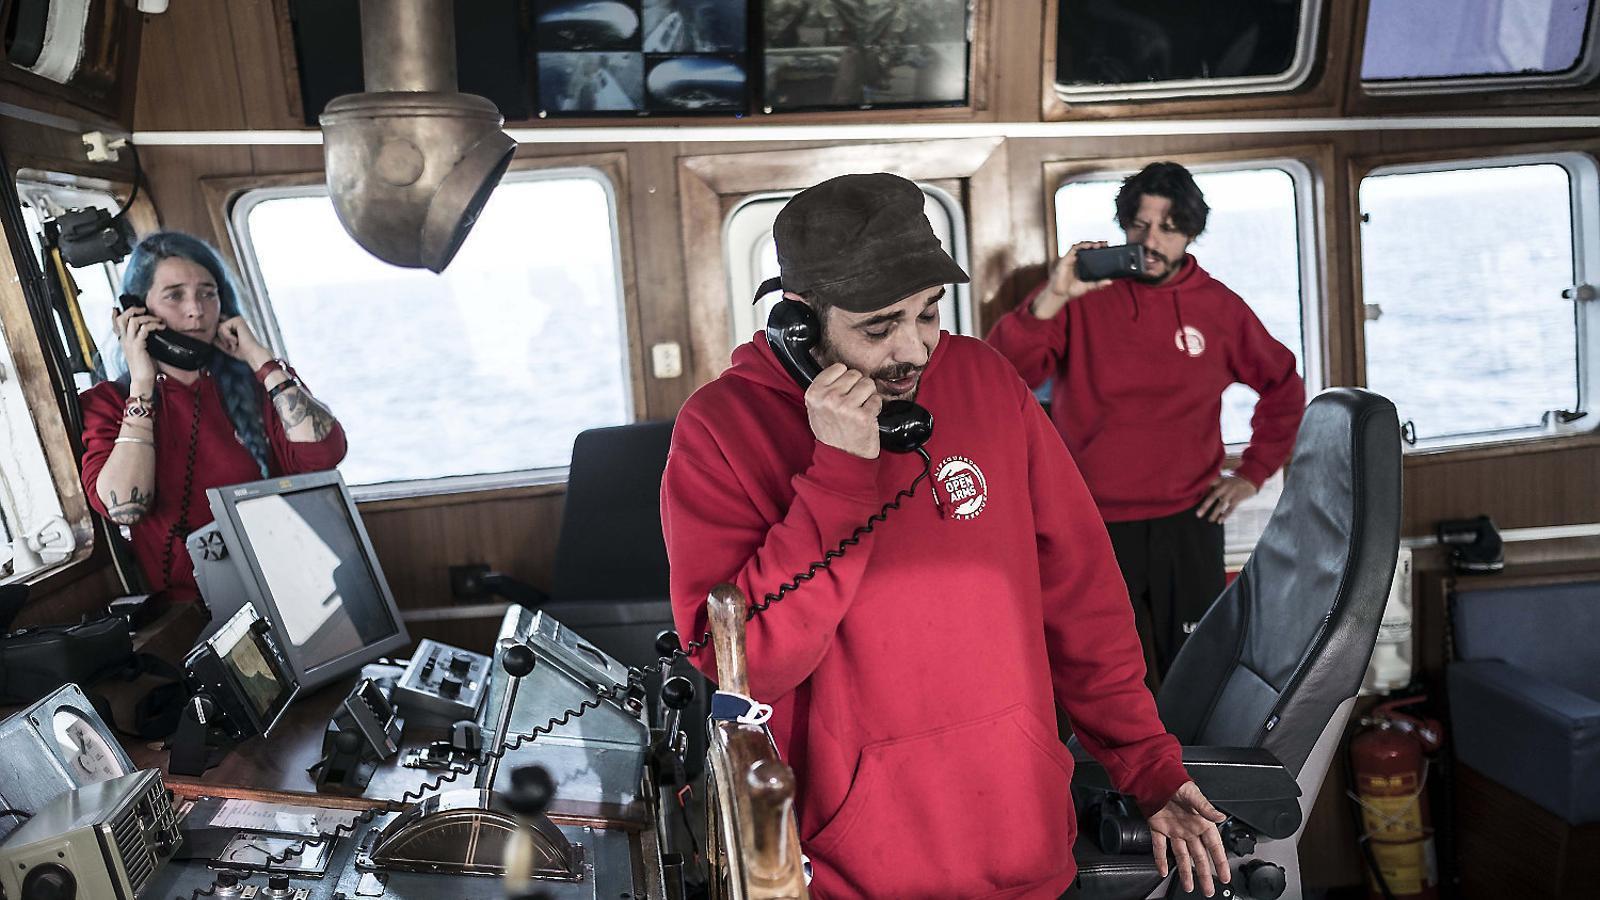 El capità, Marc Reig, i la cap de la missió, Anabel Montes, parlant per telèfon al pont de comandament.